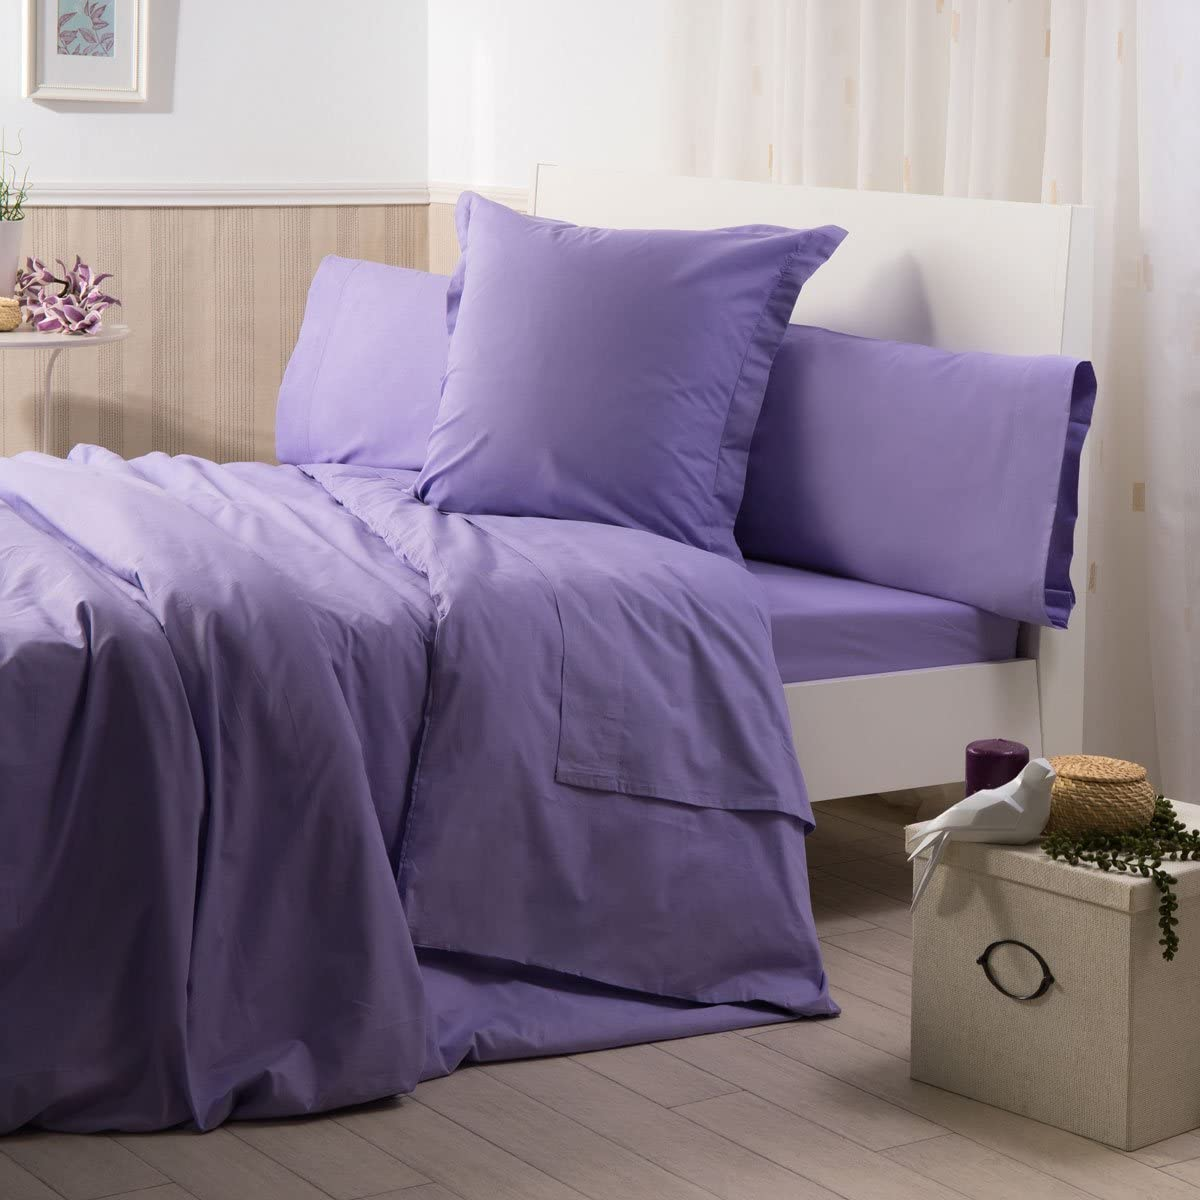 Color blanco 100/% Algod/ón percal Sancarlos Funda de almohada para cama Cama de 90 cm